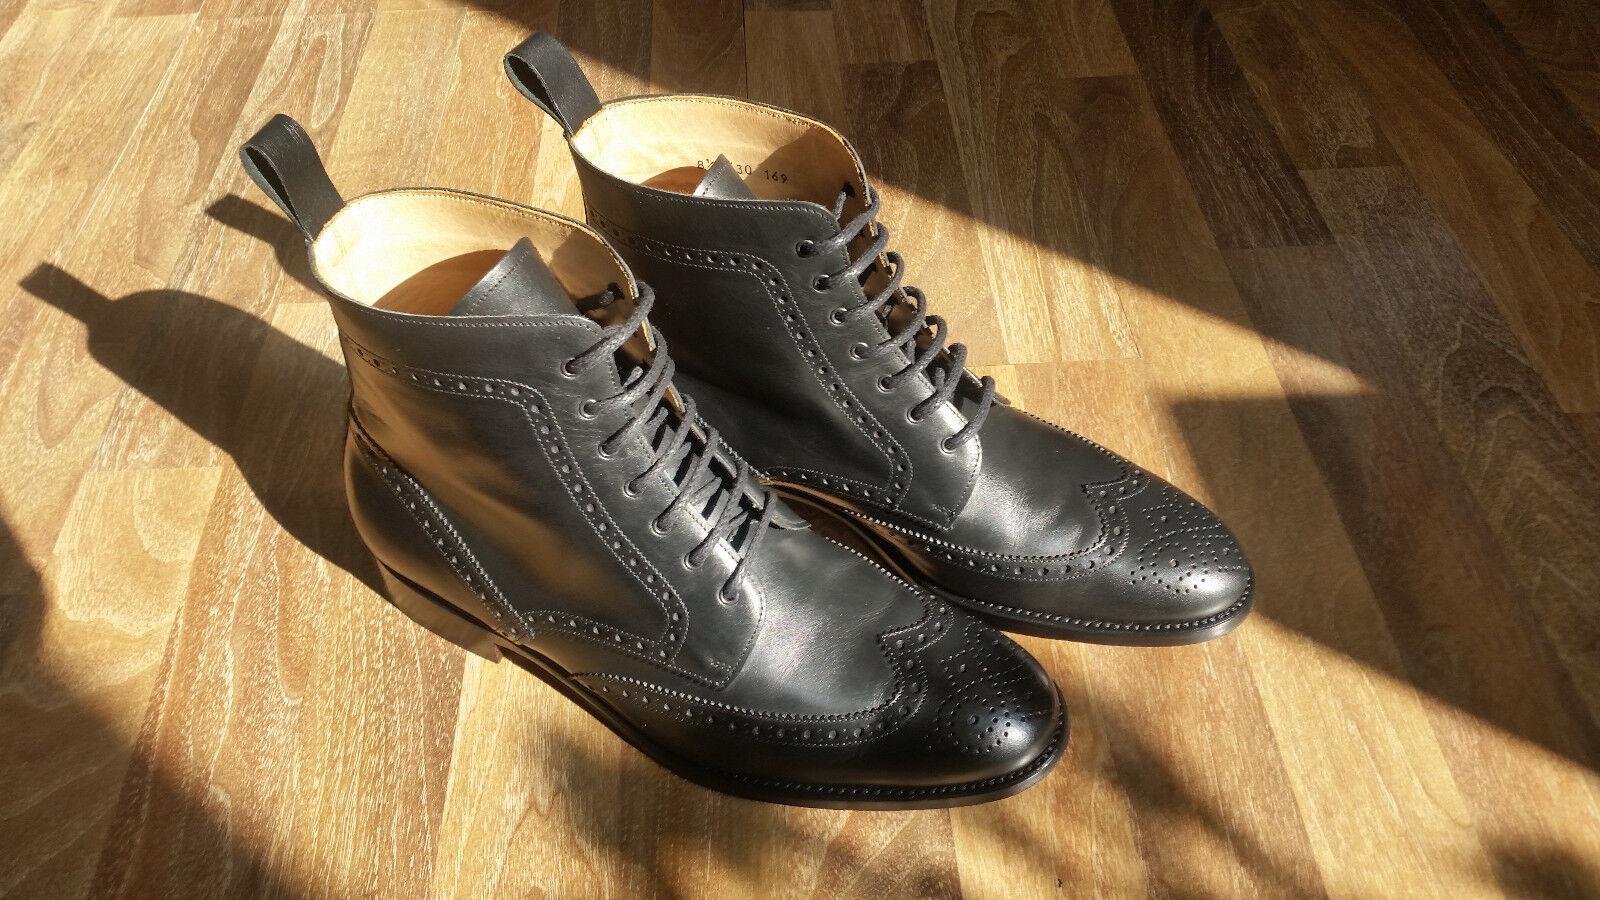 Schuhepassion Stiefel/Stiefelette; schwarz; Brogue; 8,5; gebraucht, jedoch fast neu